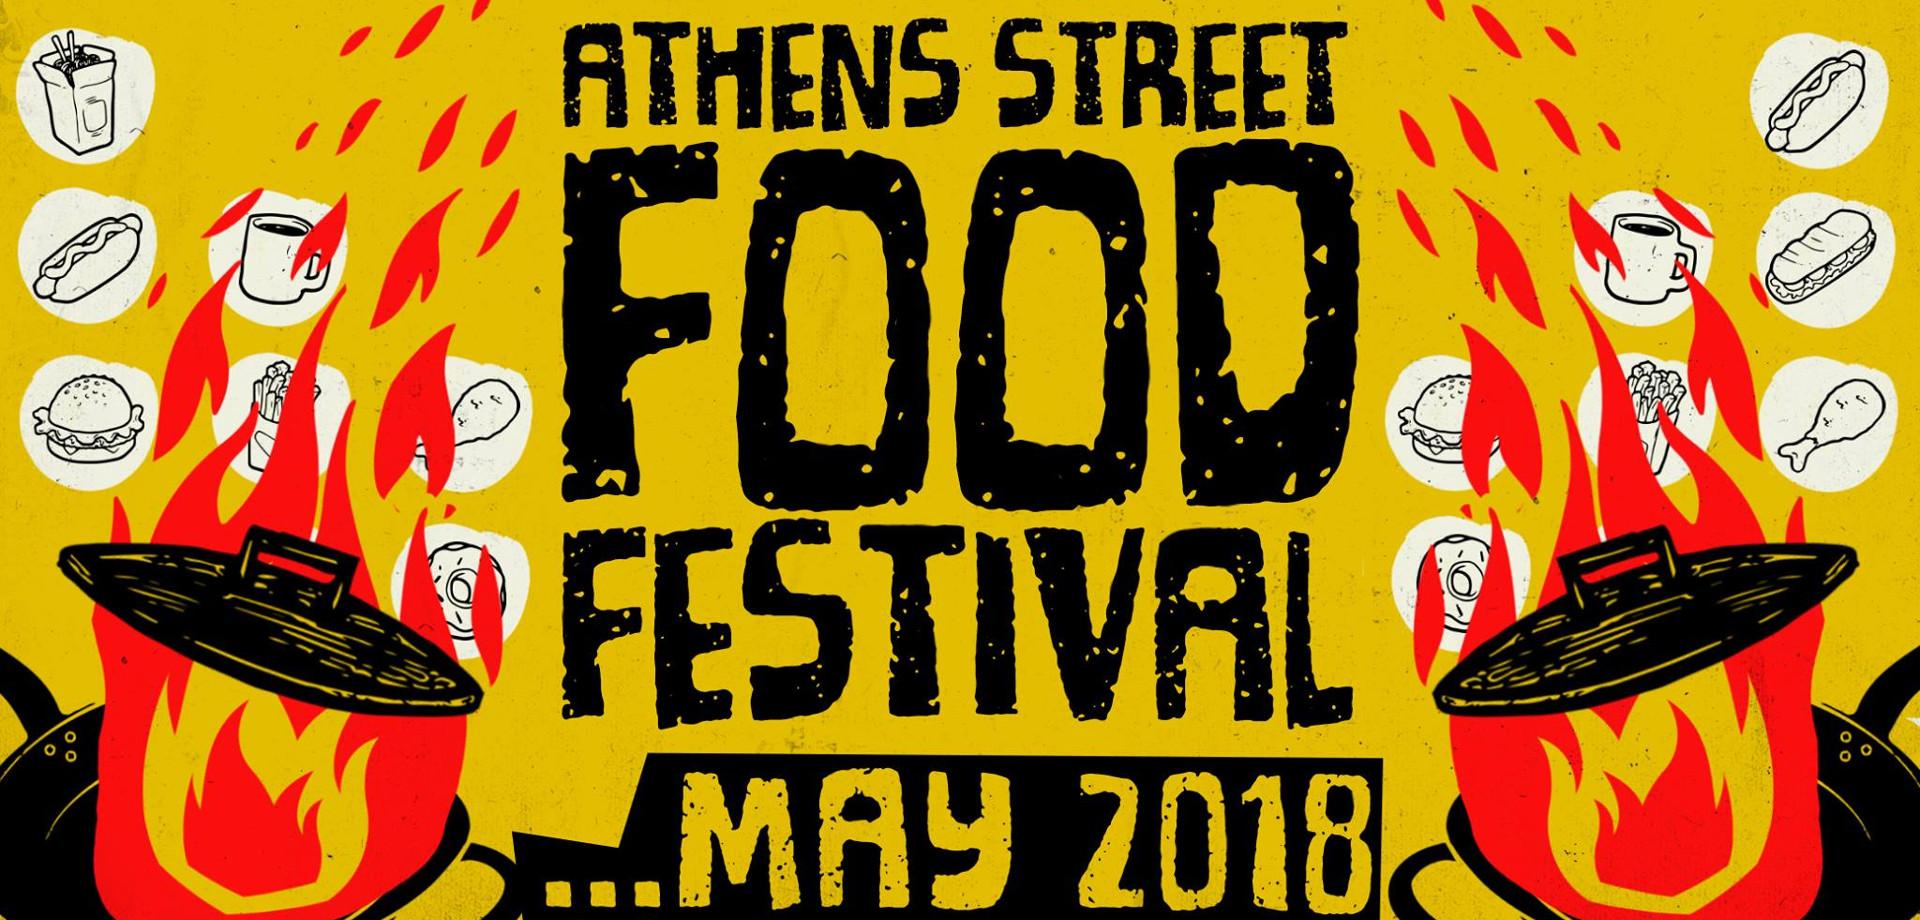 Αποτέλεσμα εικόνας για street food festival athens